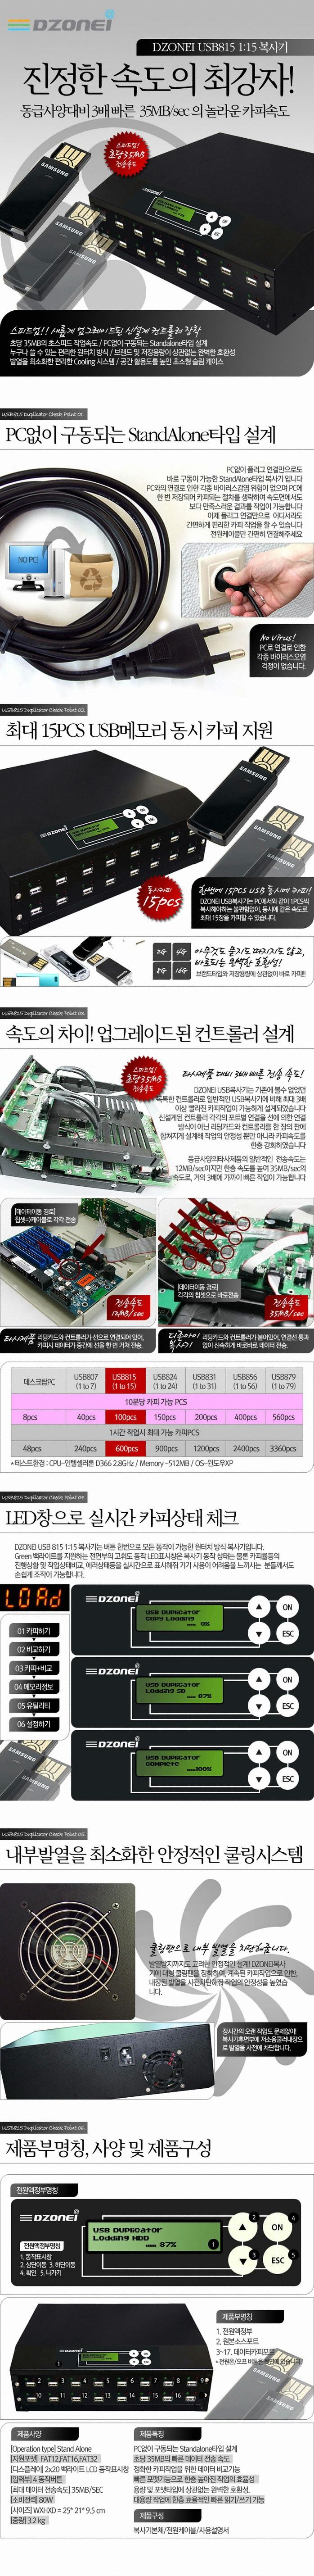 디지털존 DZONEI USB815 1:15 복사기